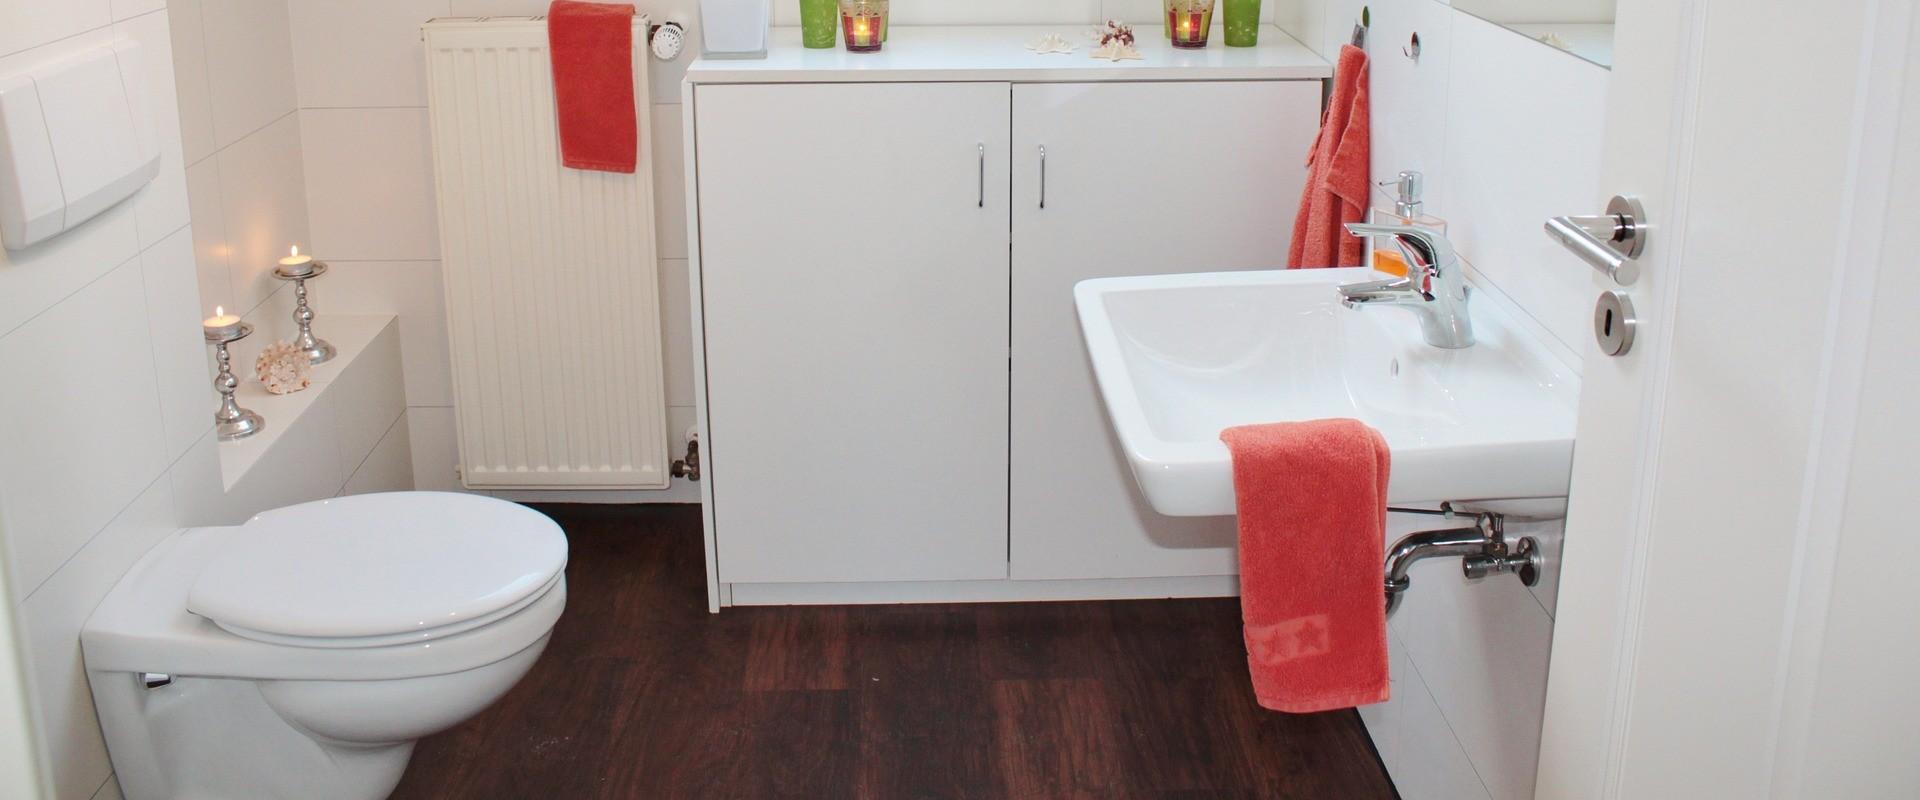 WC schoonmaken: stappenplan en tips